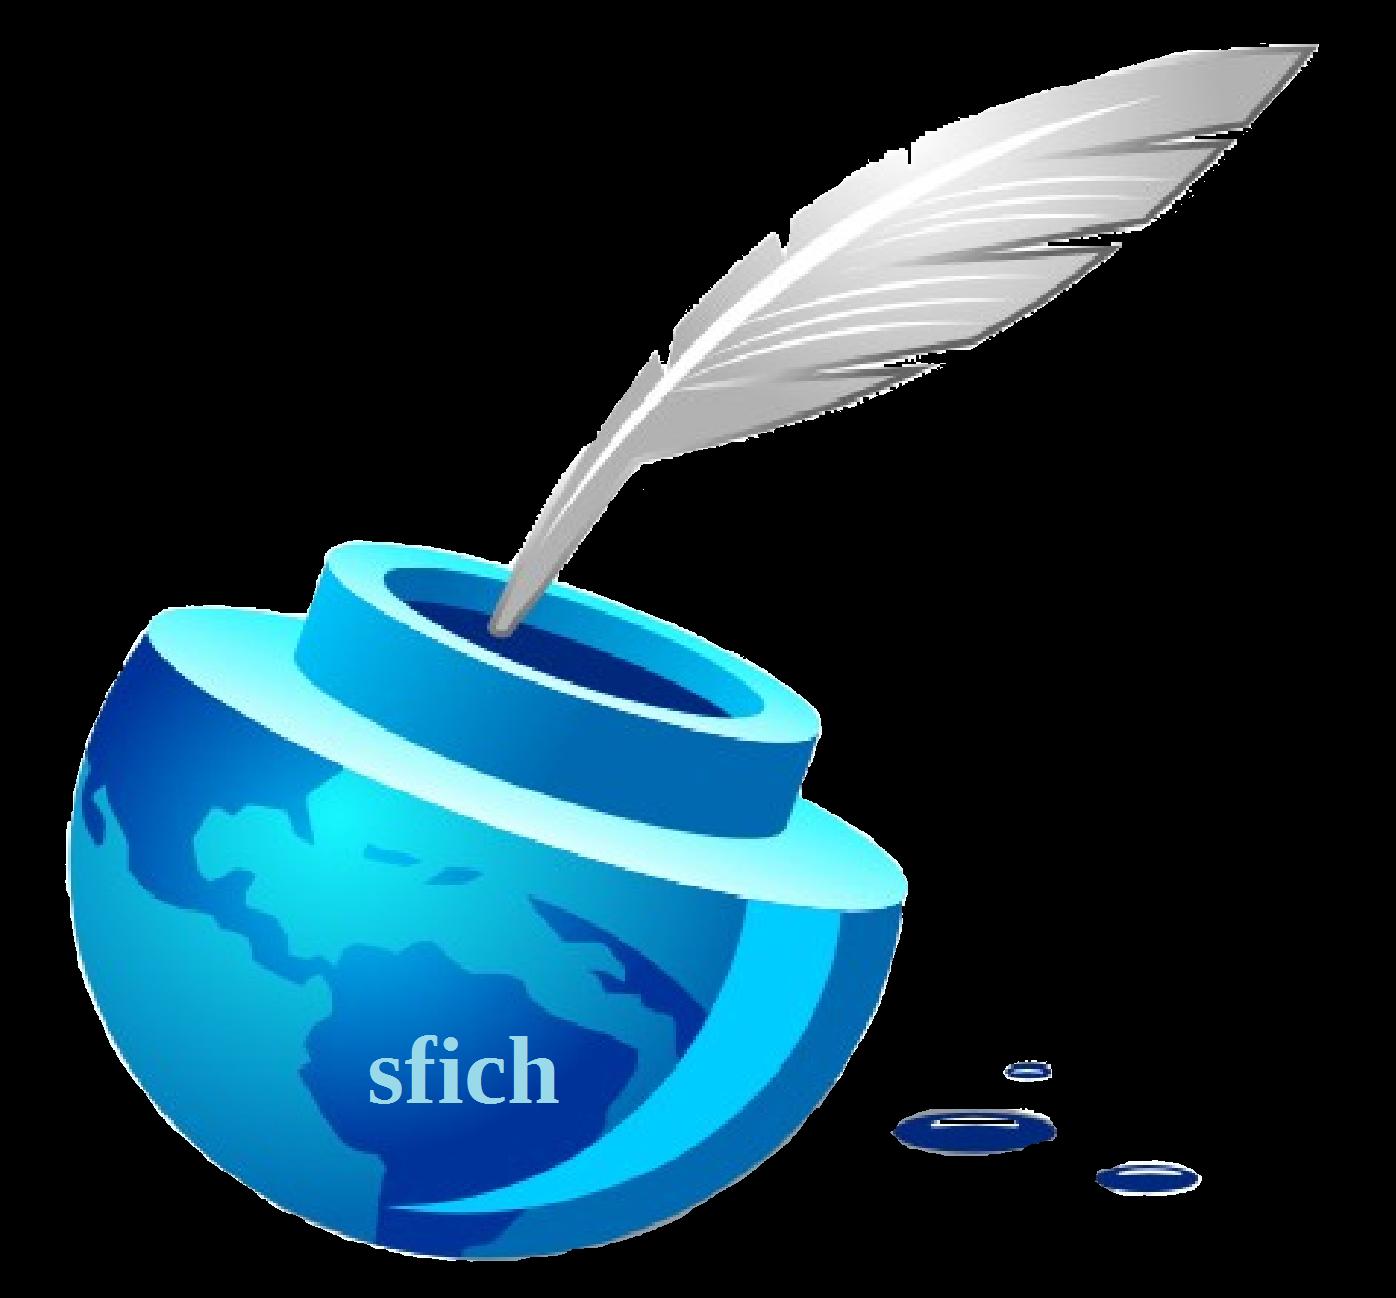 sfich